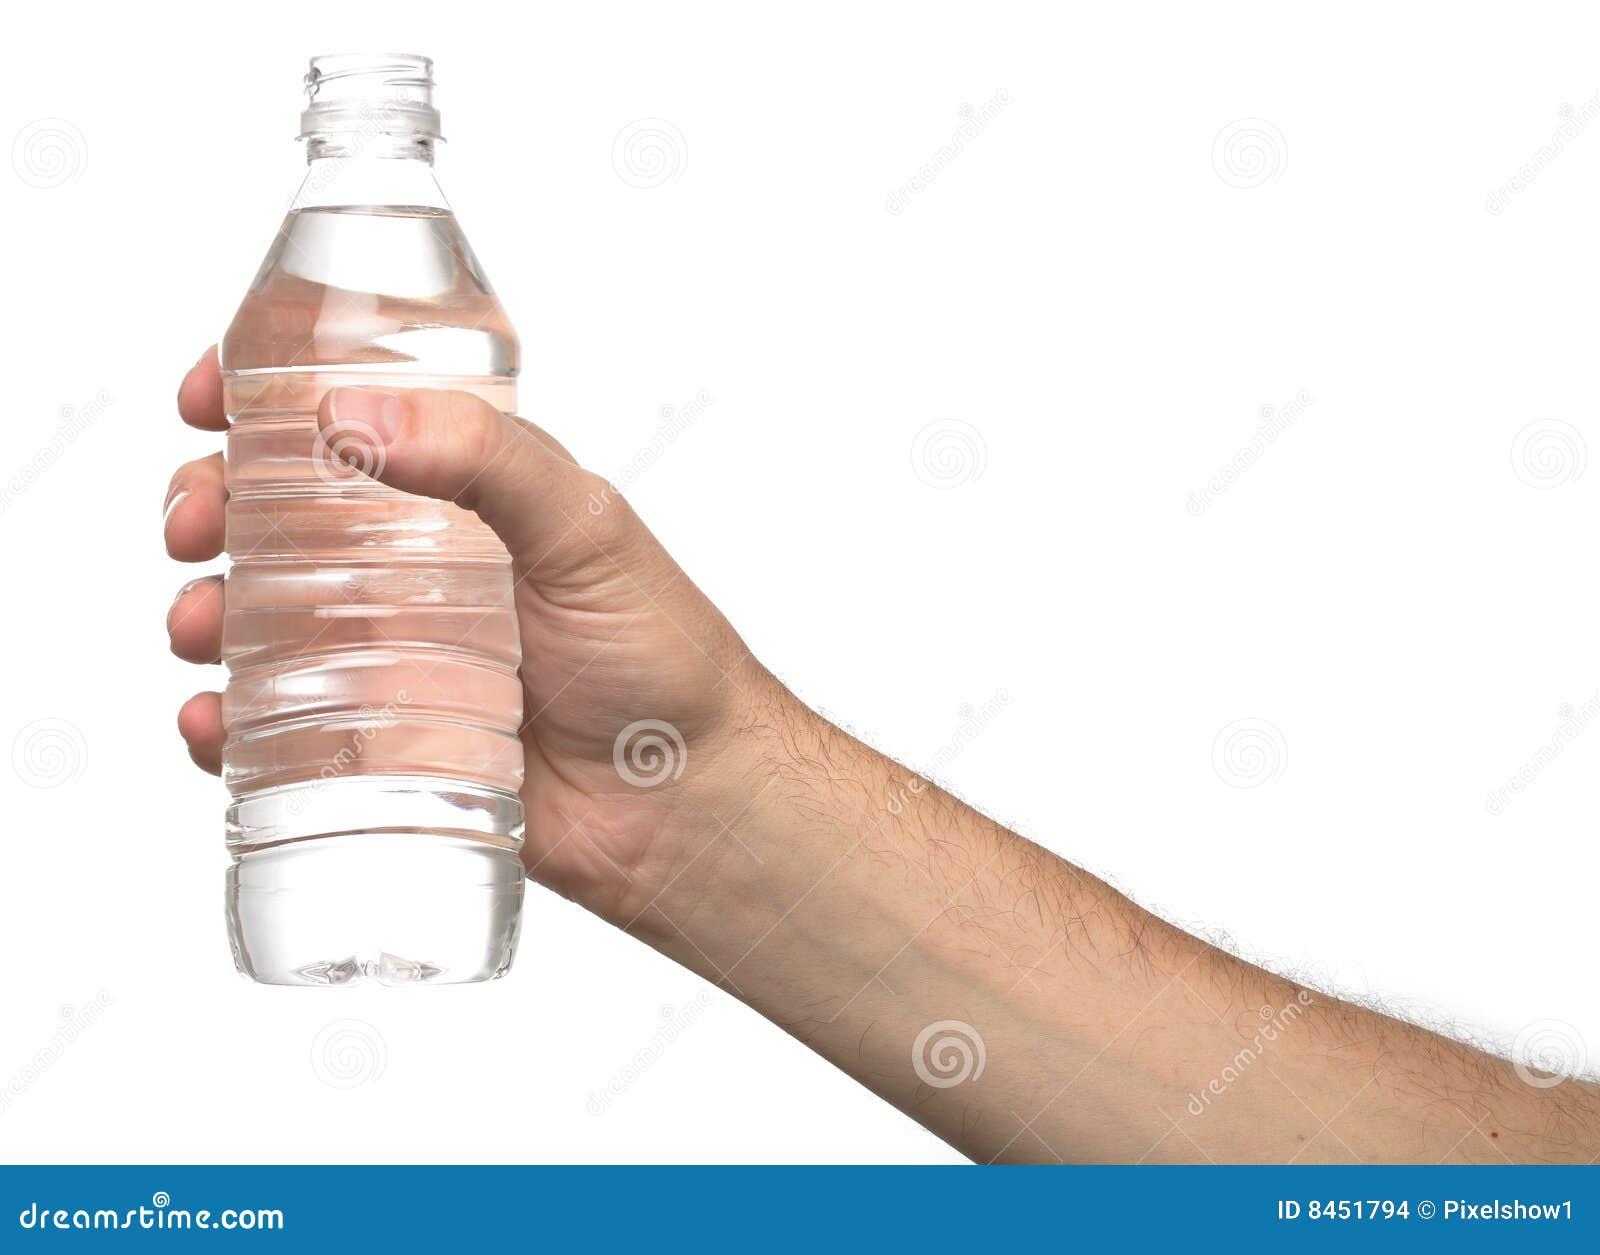 Разрыв анала бутылка, Разорвал анал в клочья, так жестко ебал в жопу 26 фотография